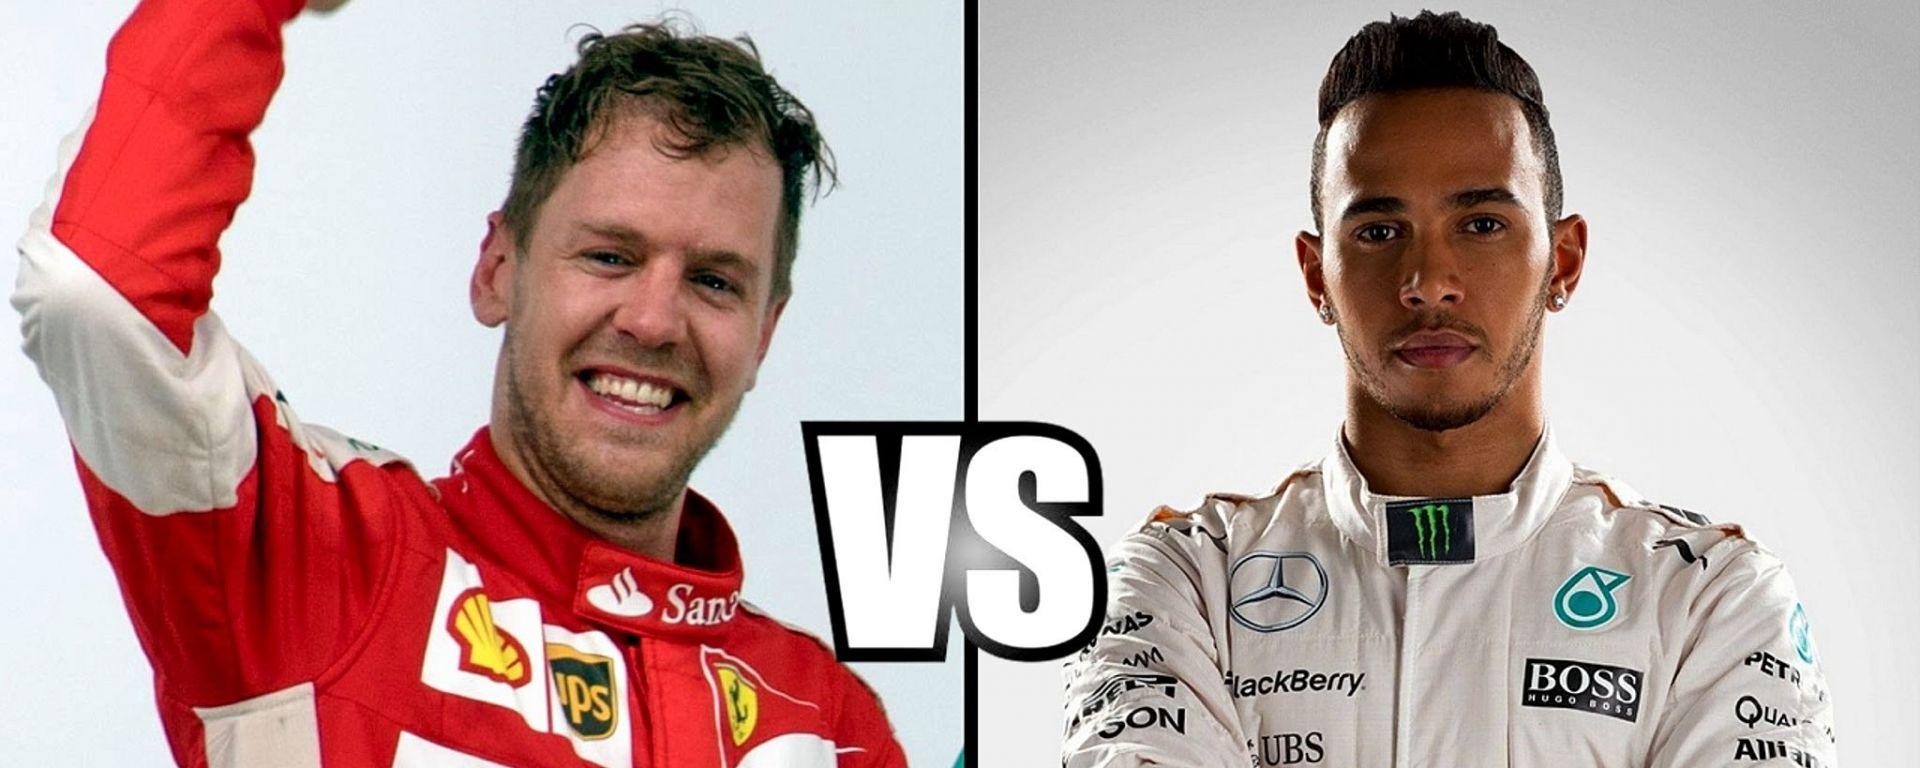 Vettel VS Hamilton: la sfida per il Mondiale F1 2017 continua